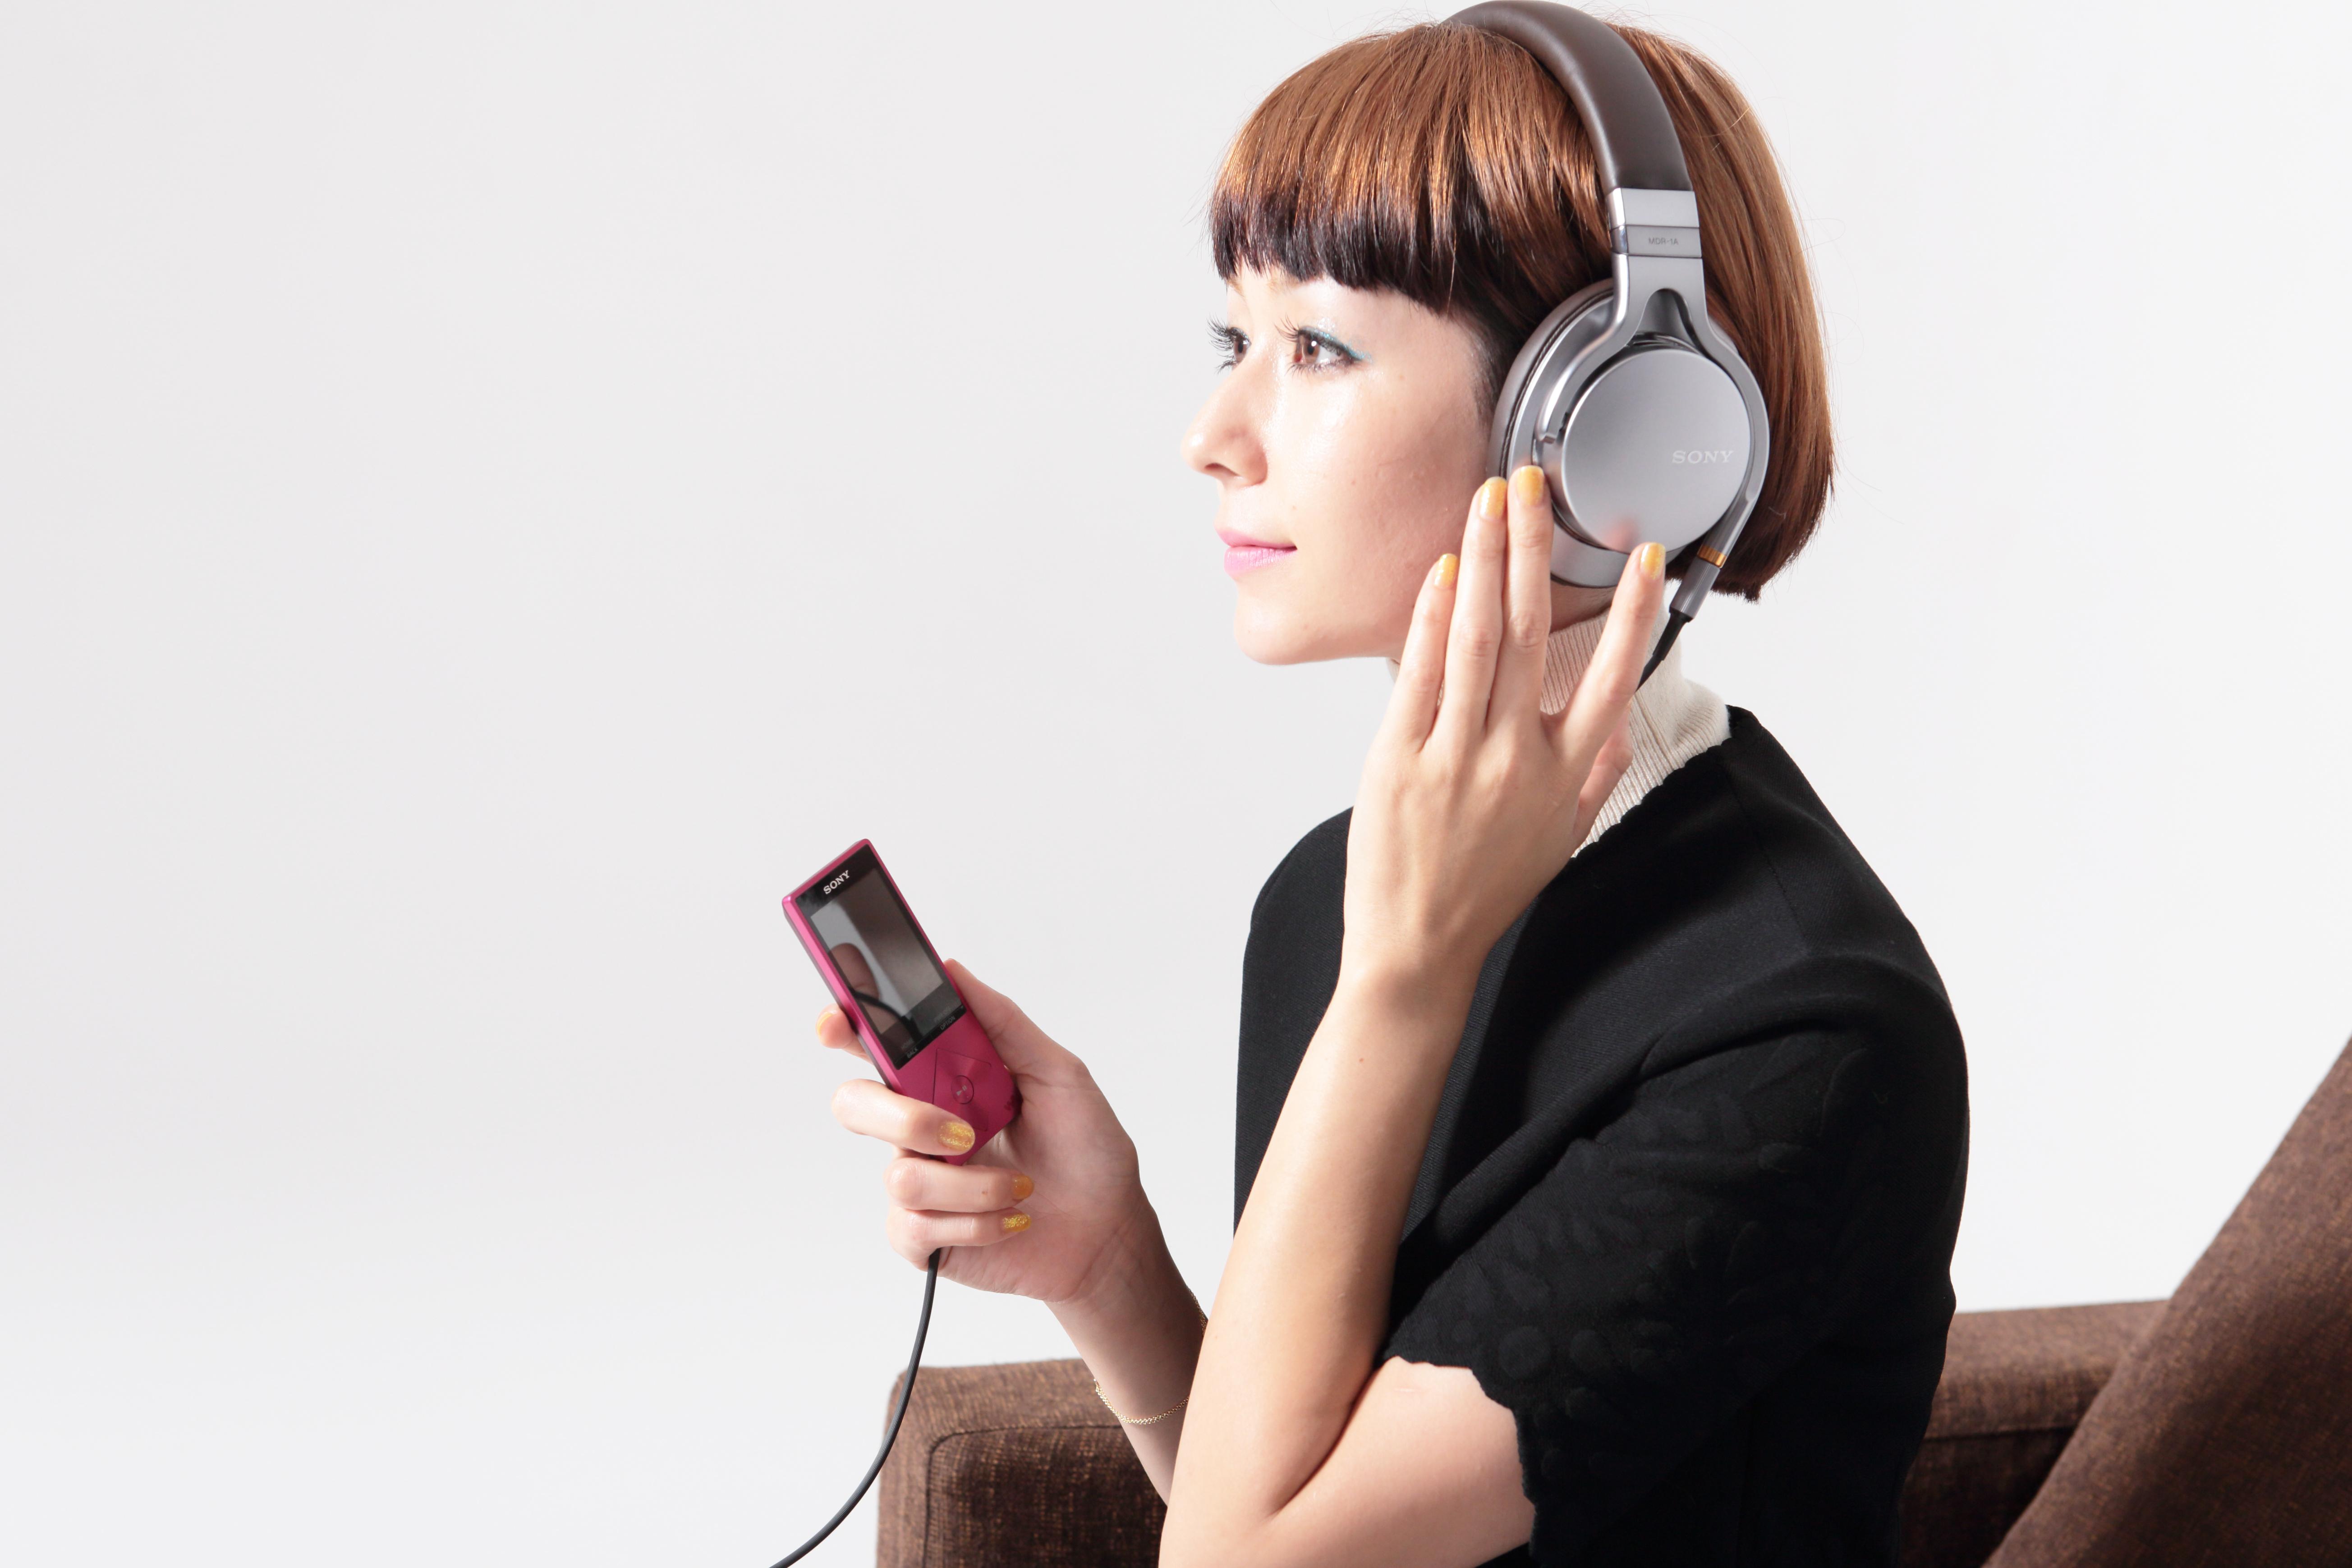 独特のセンスに憧れる!大人気歌手・木村カエラの画像まとめ!のサムネイル画像